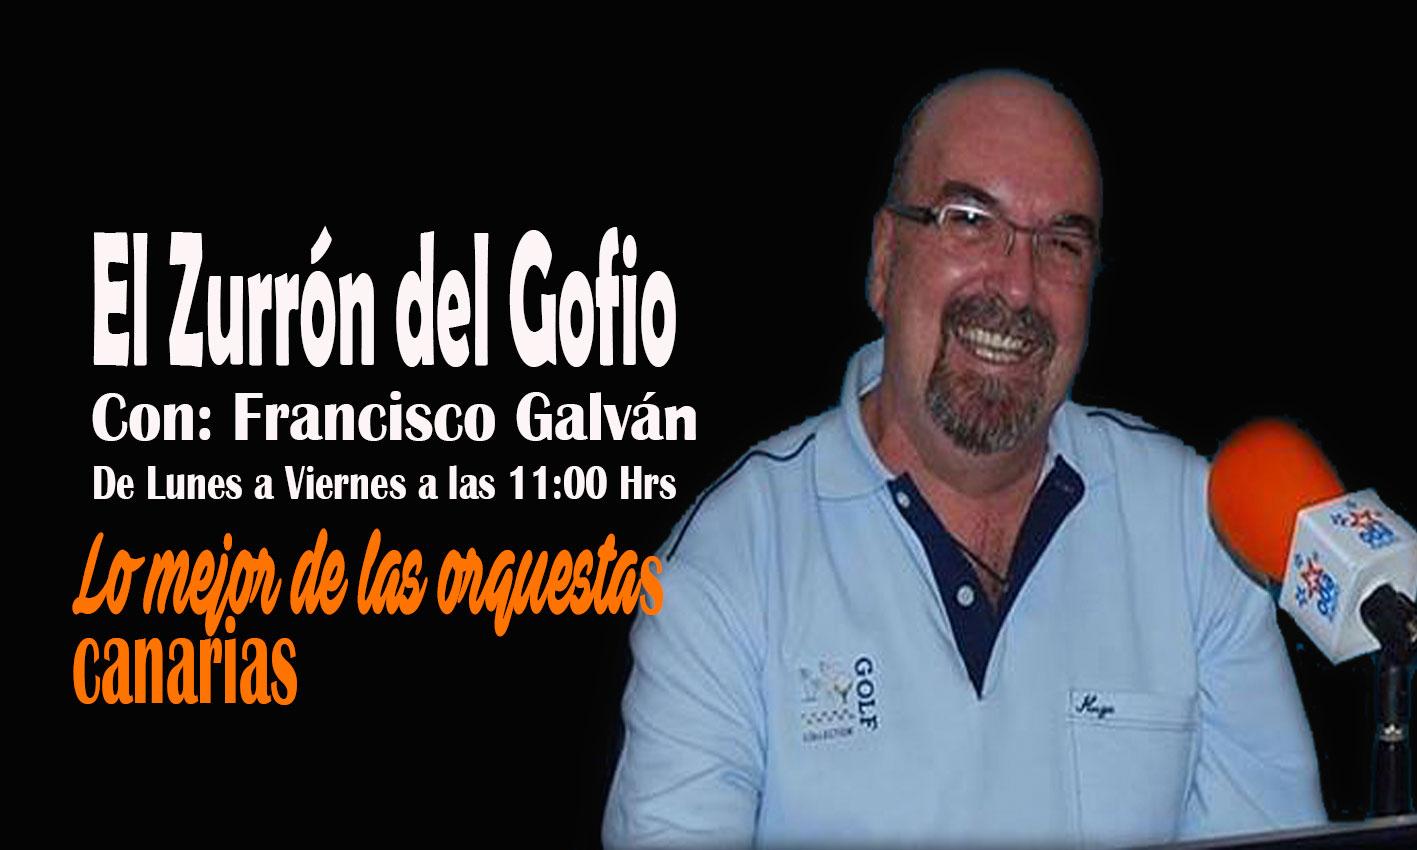 El-Zurron-del-Gofio-Banner